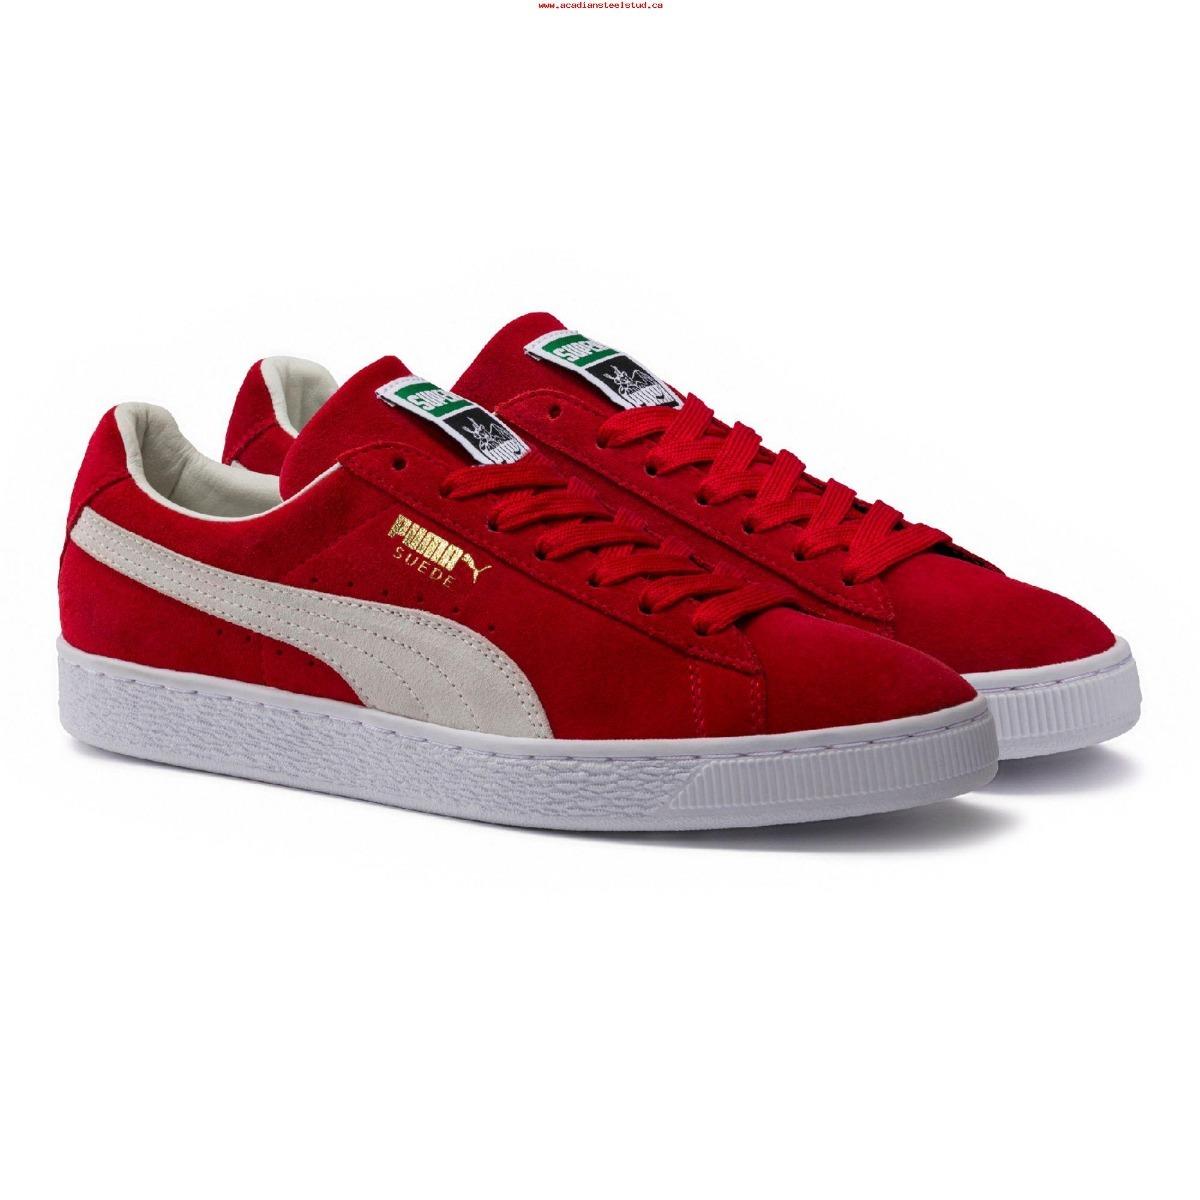 623b0ada11 tênis puma super suede vermelho - original - frete grátis. Carregando zoom.